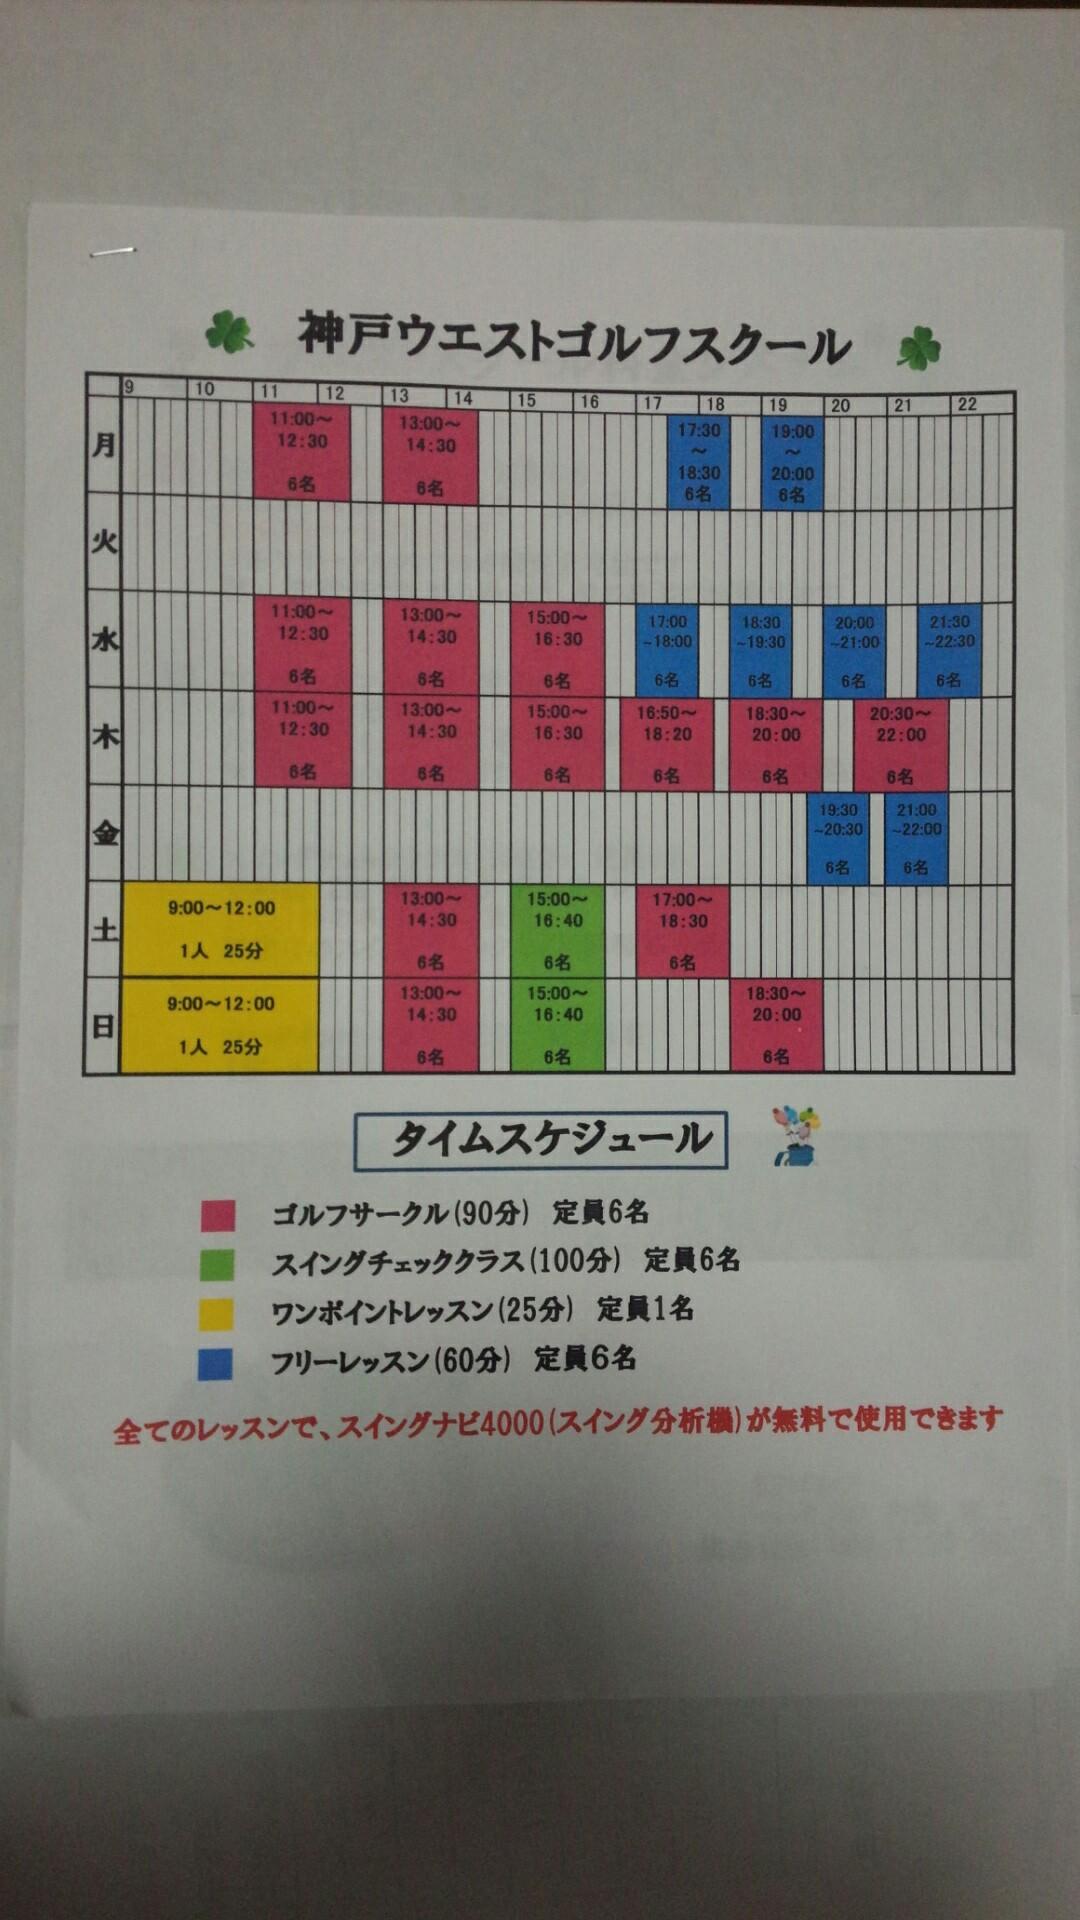 ウエストスクール 日程表 最新